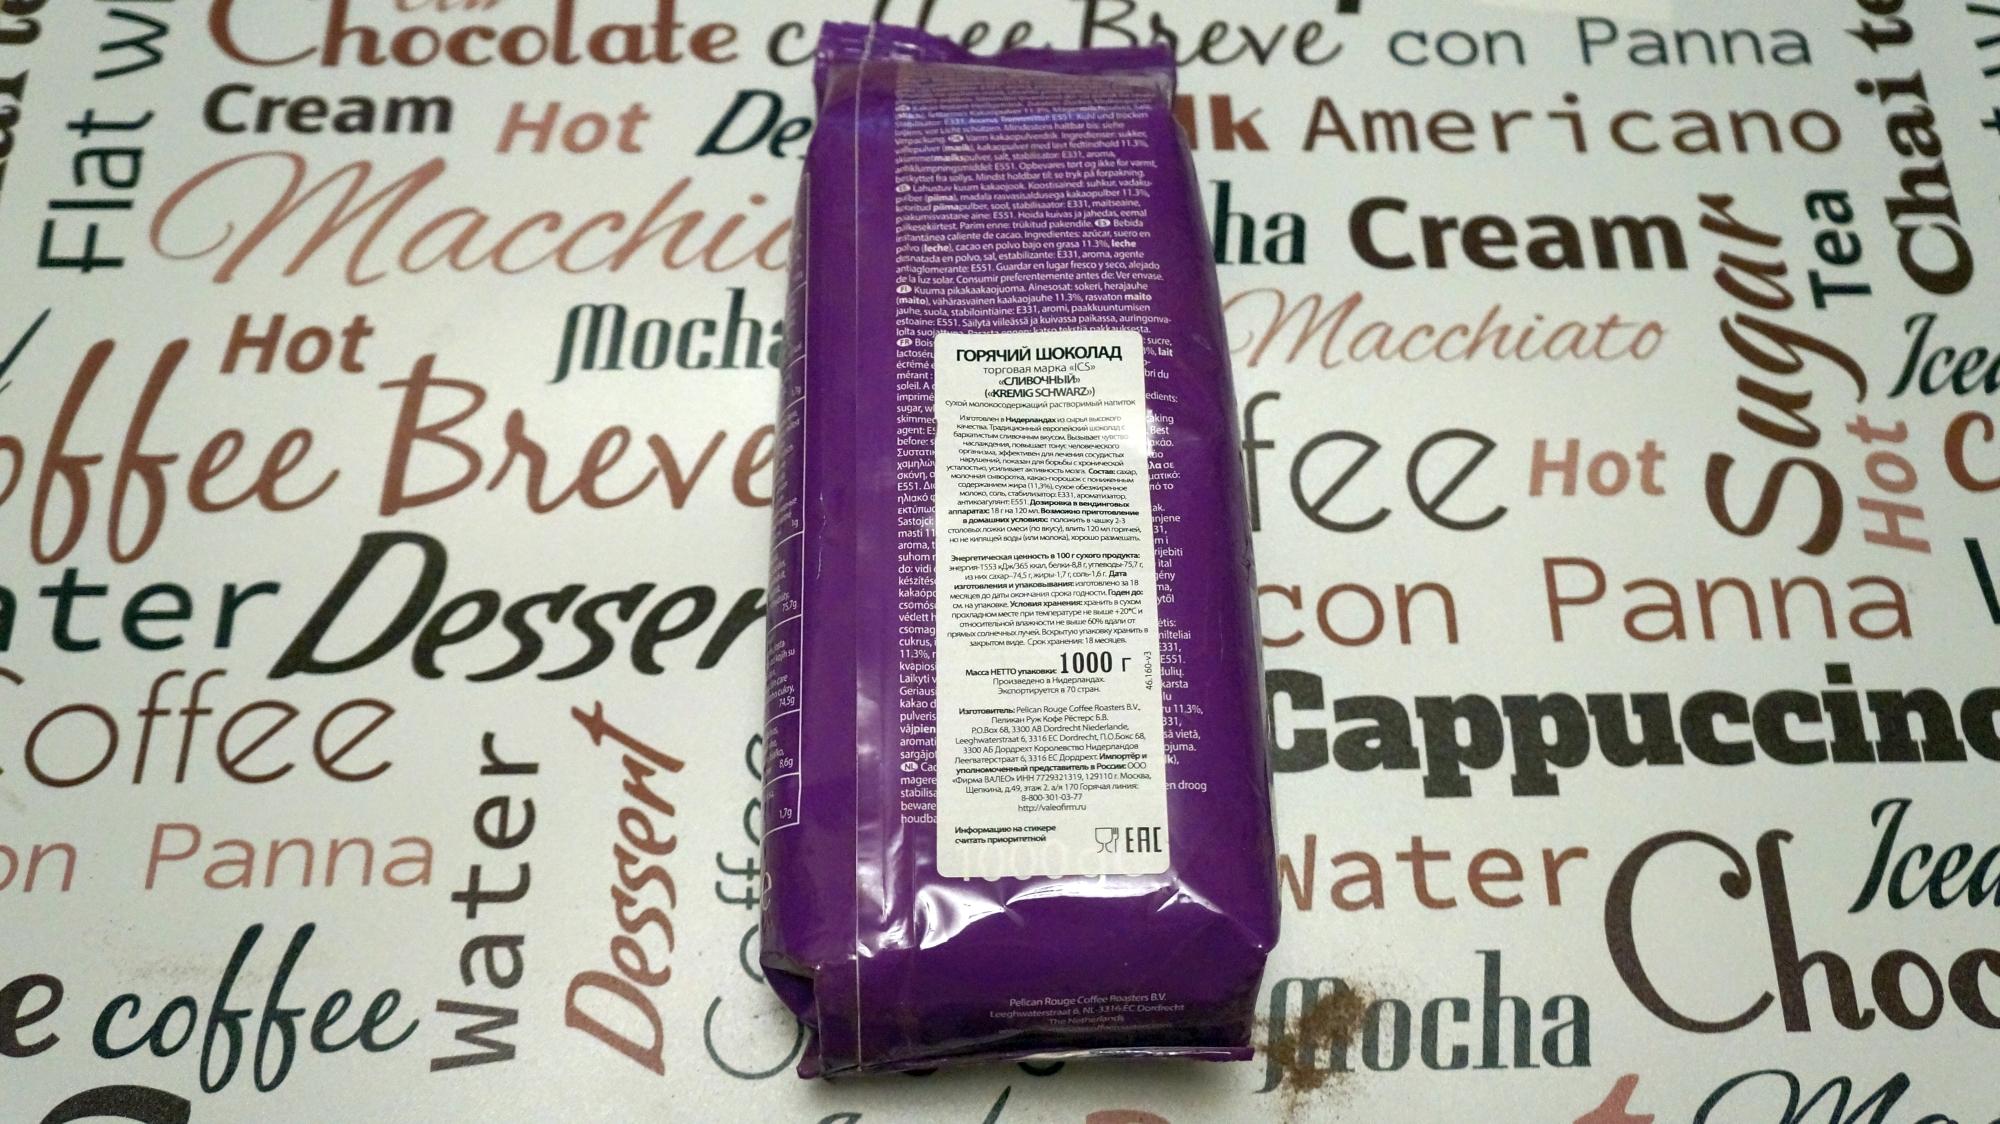 Горячий шоколад ICS Сливочный обратная сторона пачки